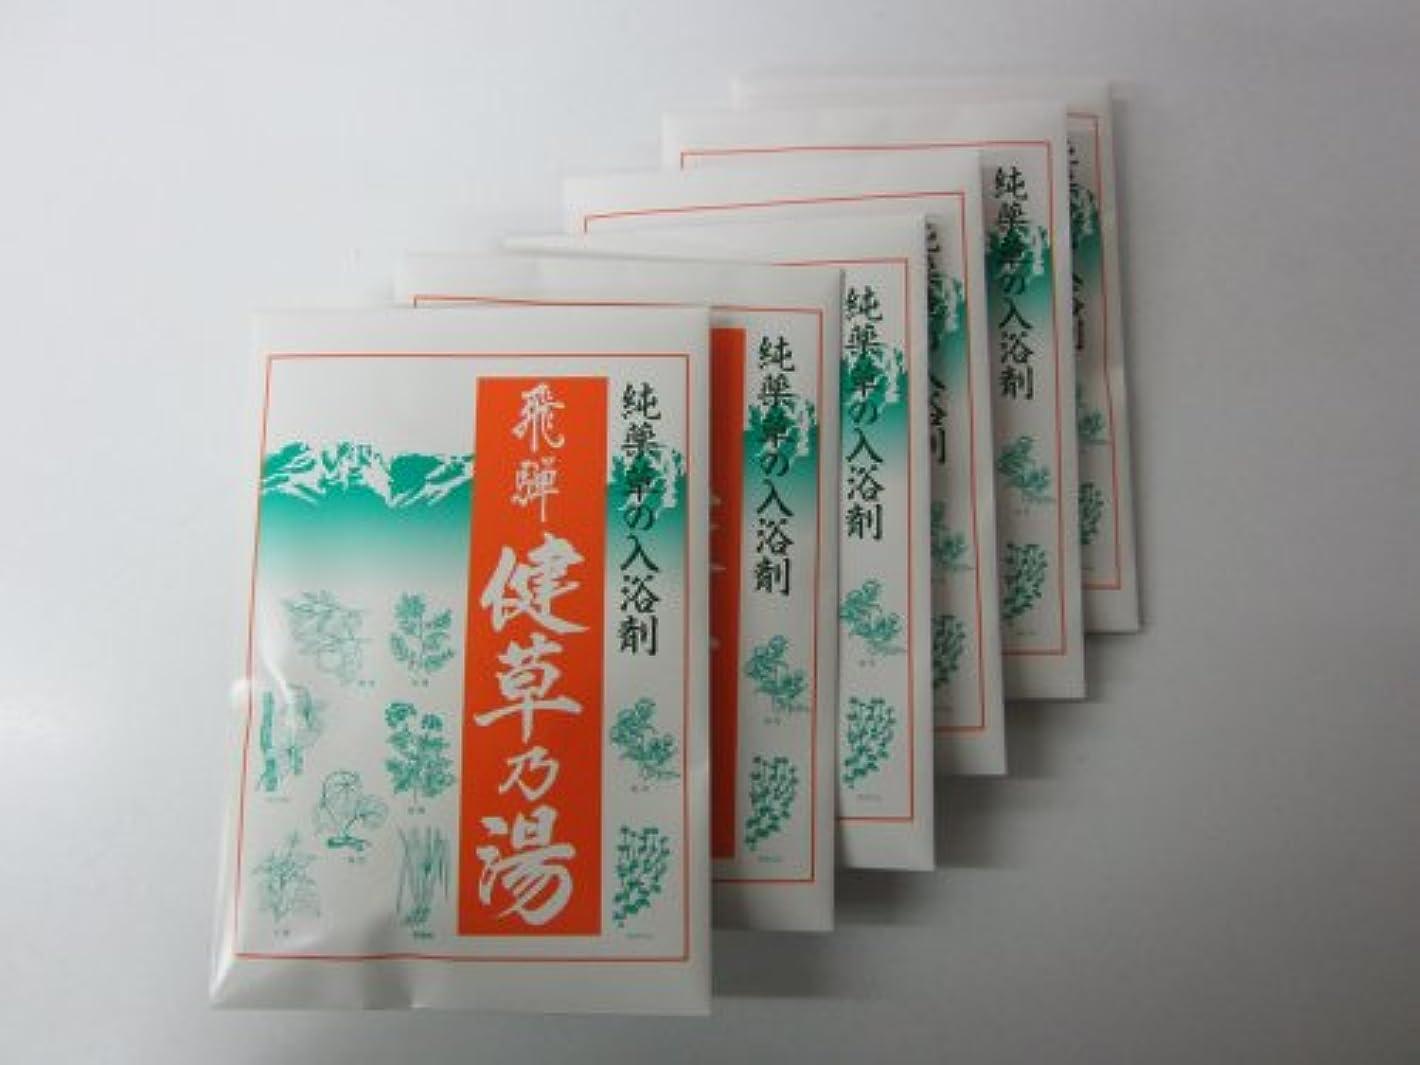 持参株式会社密健草乃湯30包入り(5包×6)